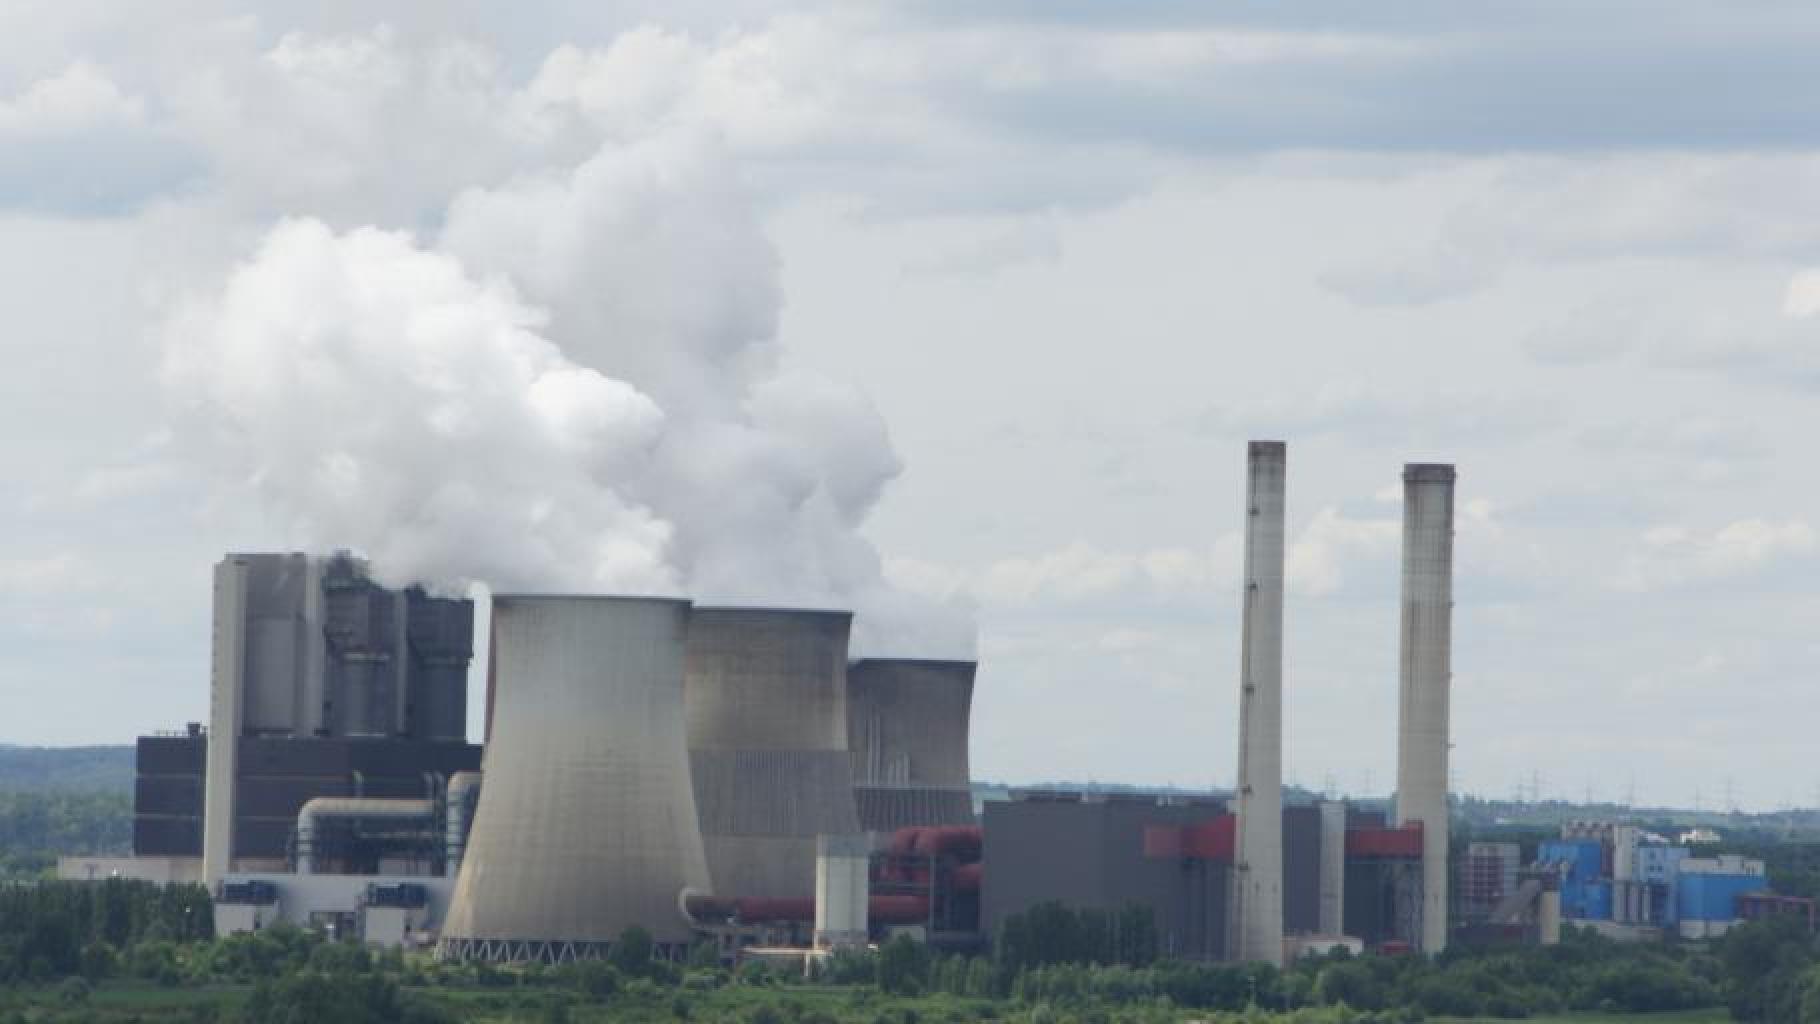 © Thorsten Mohr – Kohlekraftwerk in Weisweiler